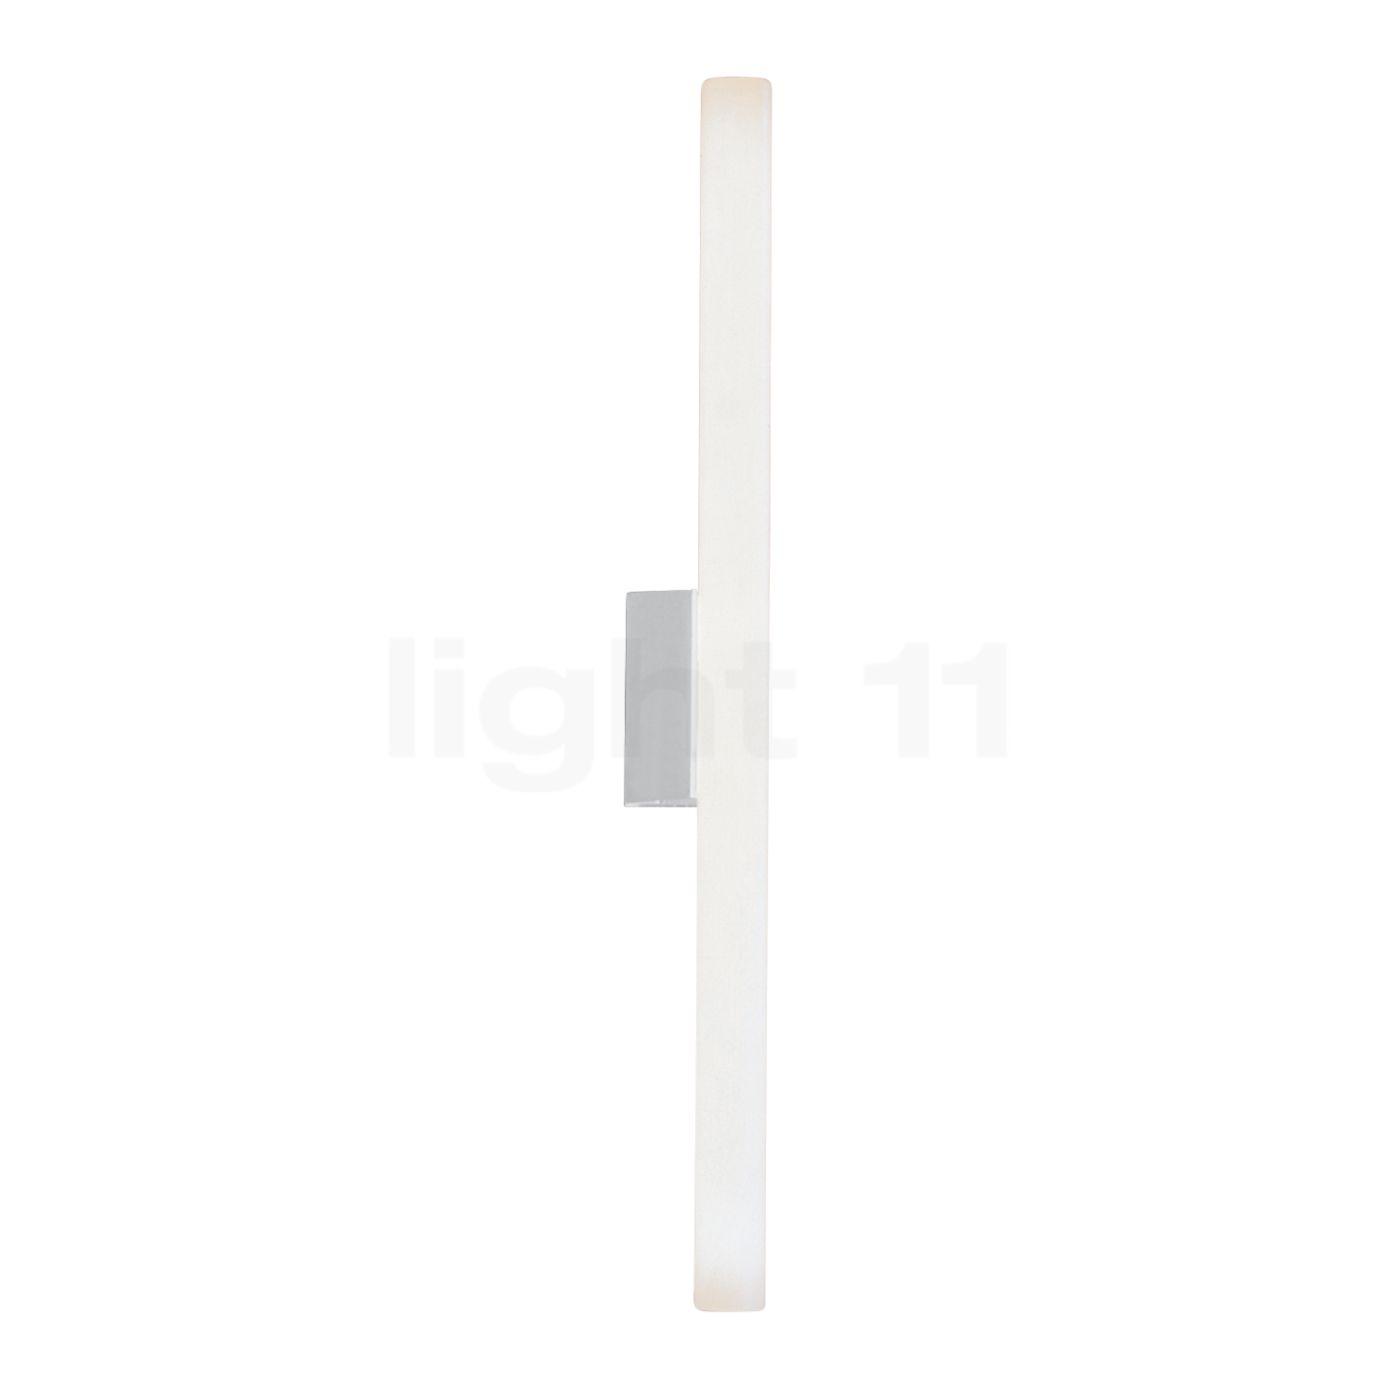 Top Light Lichtstange fixation murale sans ampoules, blanc